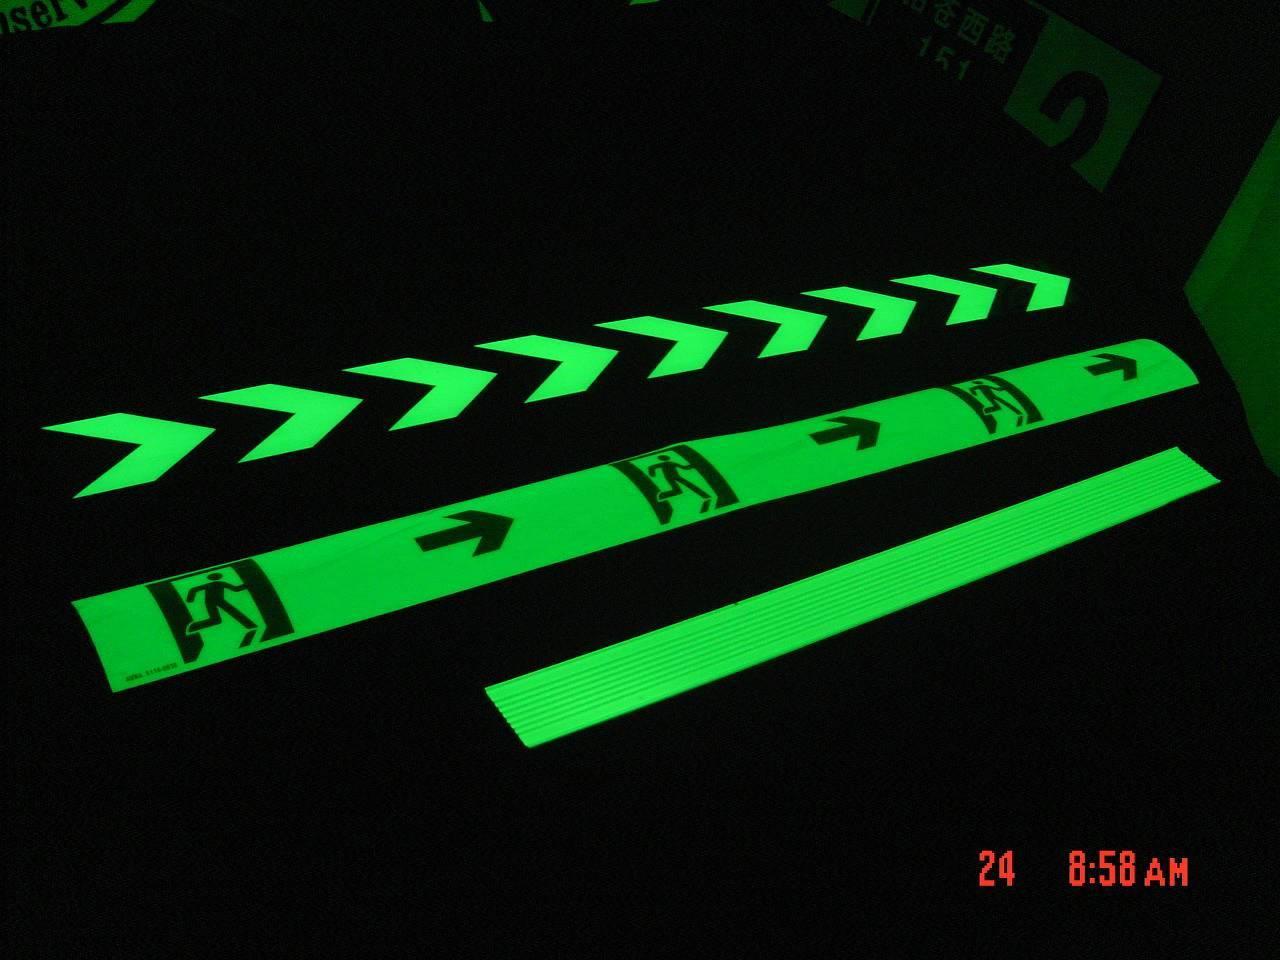 photoluminescent Anti-slip tape / glow in the dark tape